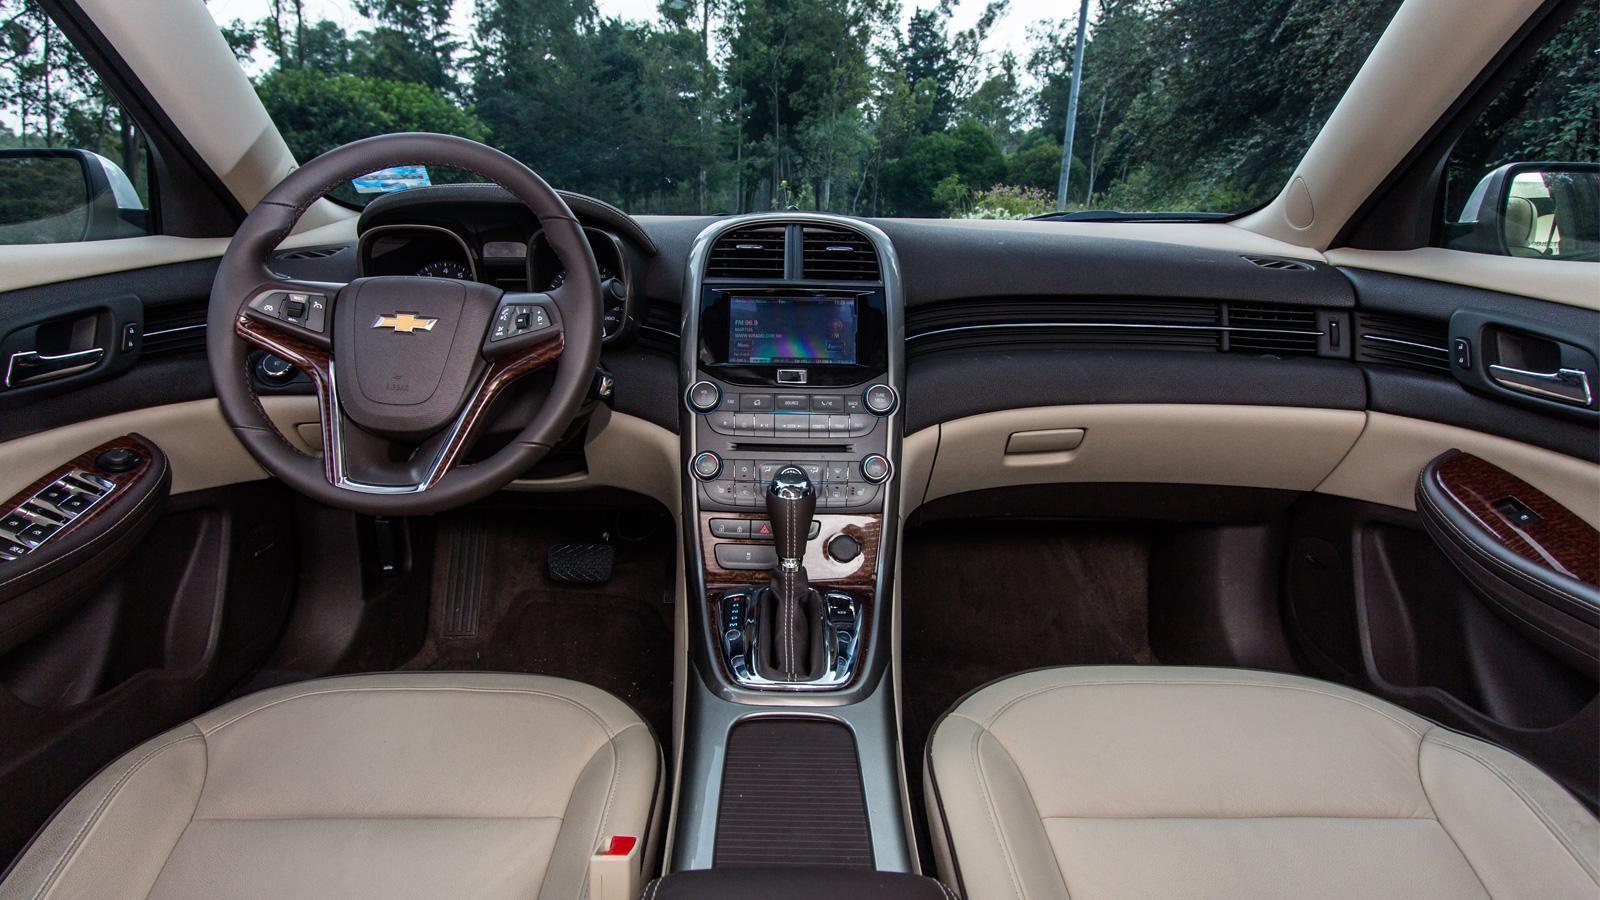 Chevrolet Malibu LT 2.5 2013 a prueba - Autocosmos.com